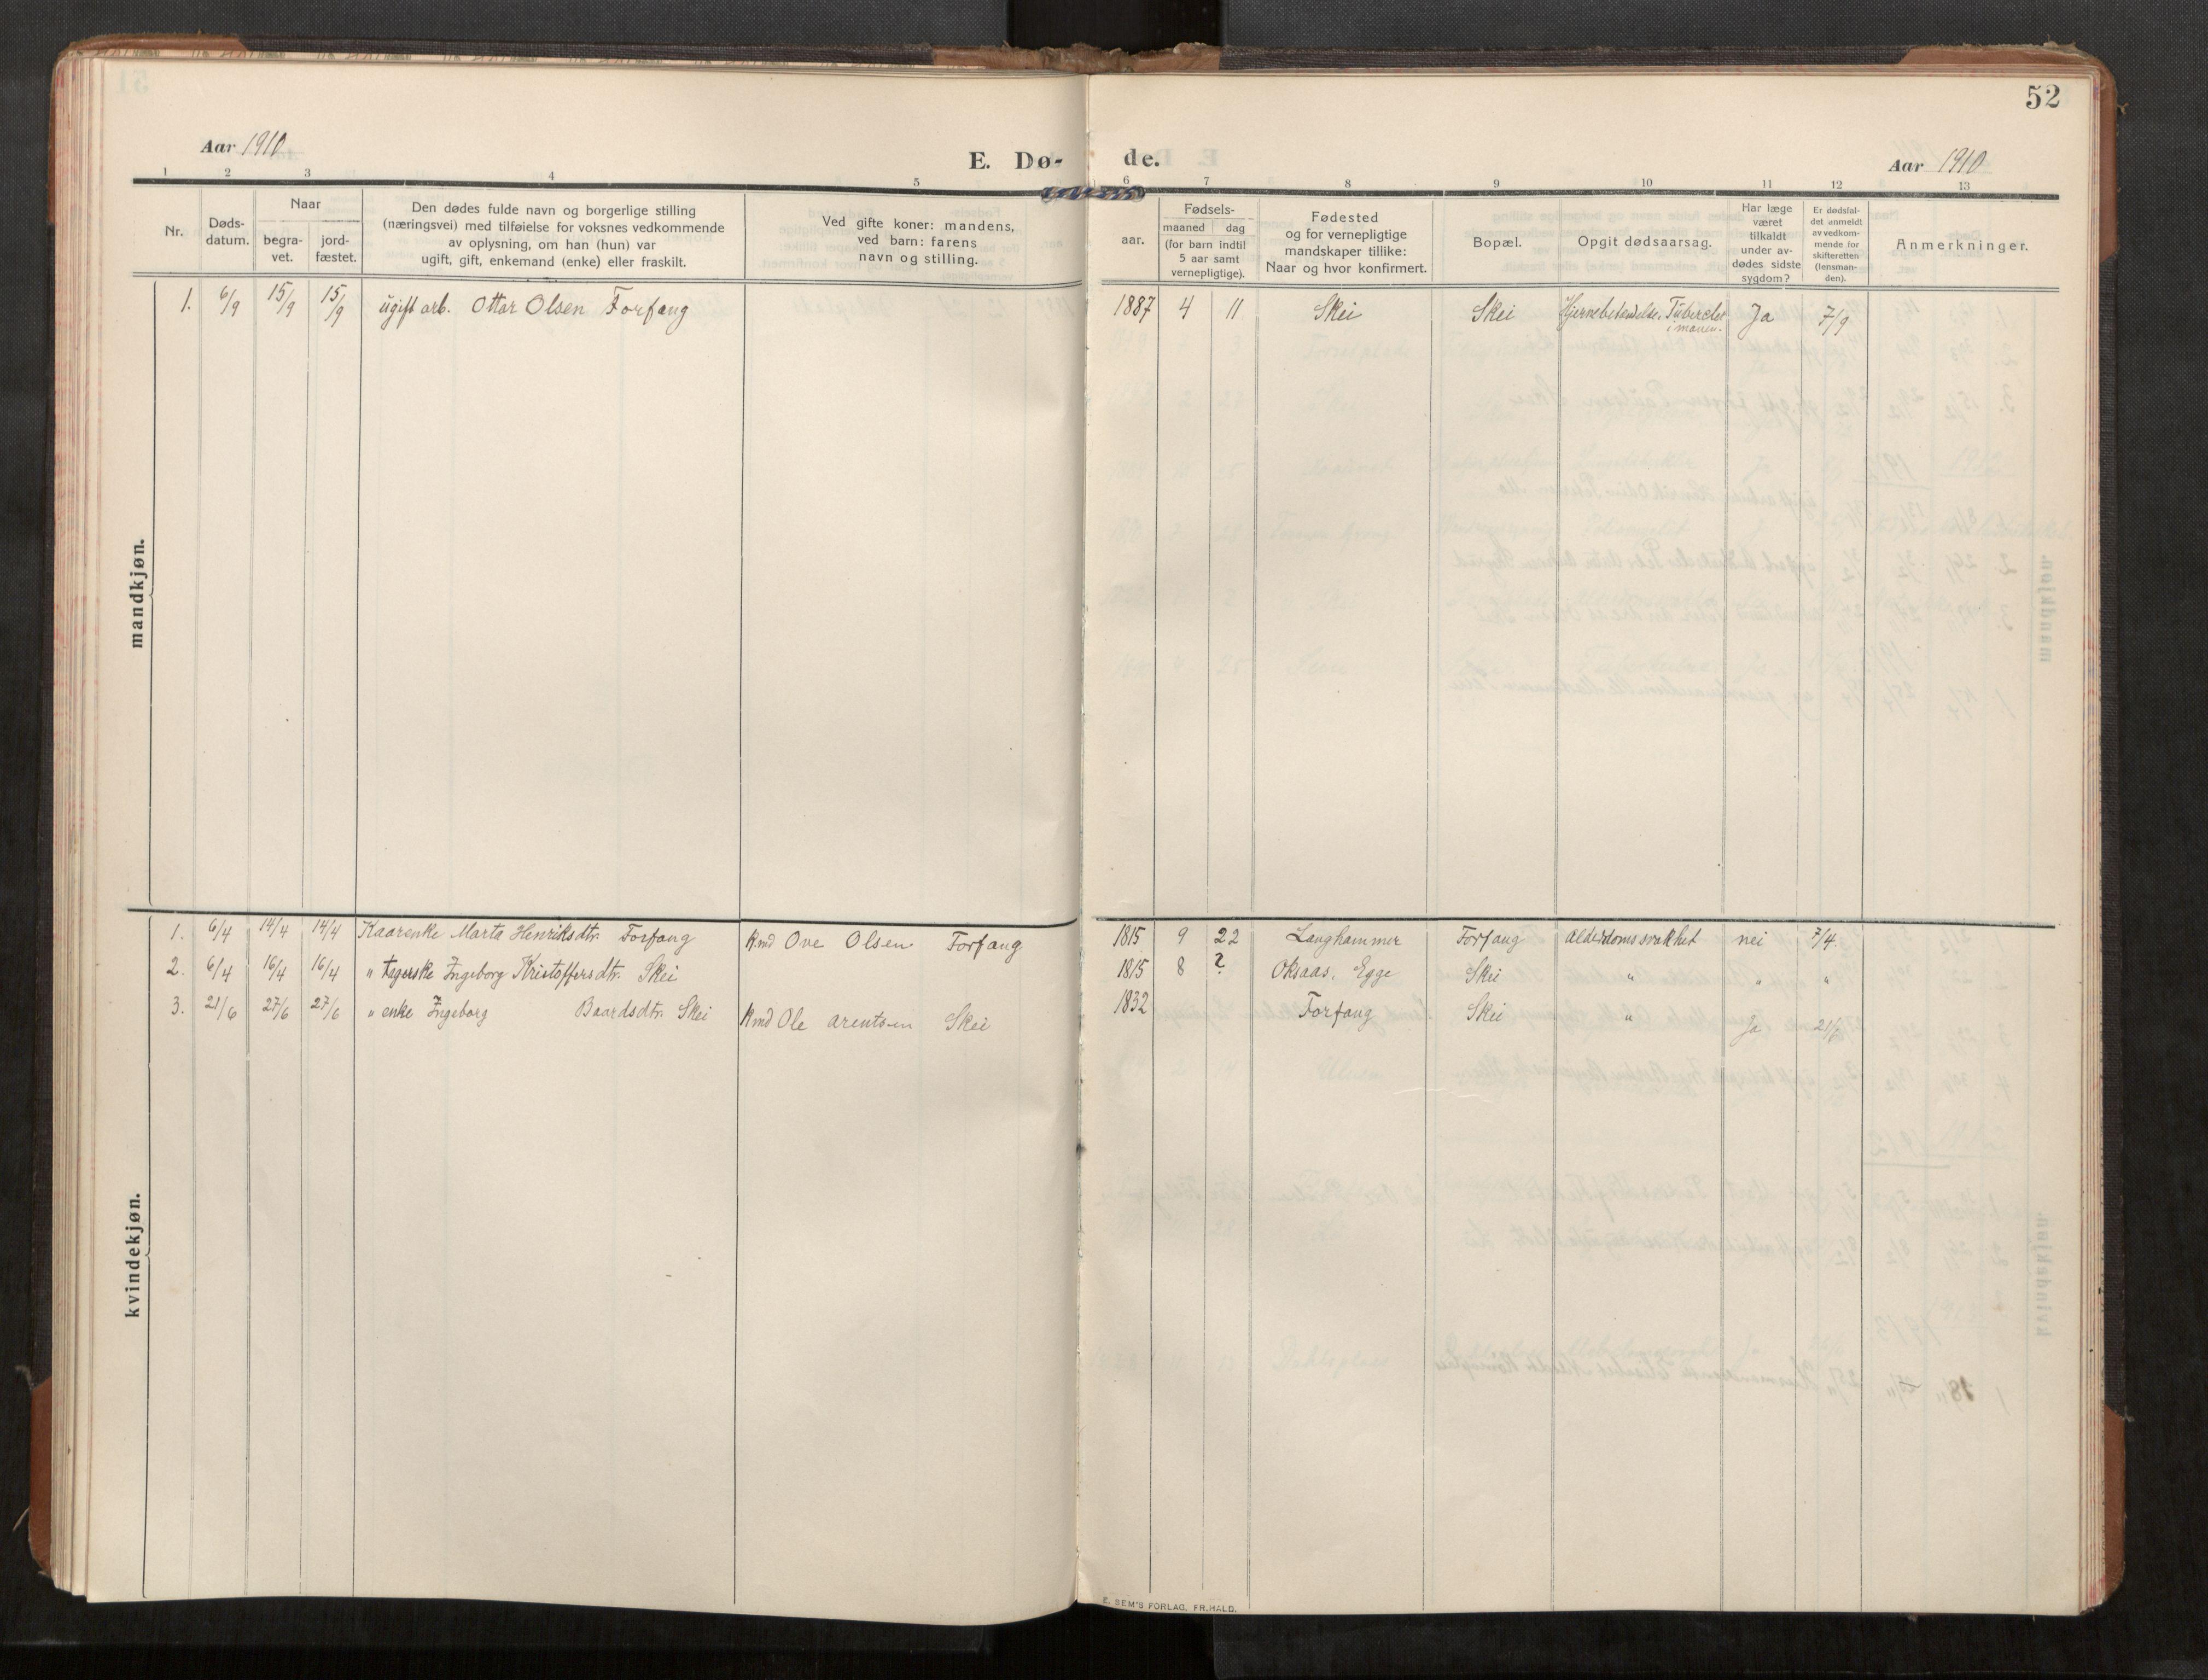 SAT, Stod sokneprestkontor, I/I1/I1a/L0003: Parish register (official) no. 3, 1909-1934, p. 52